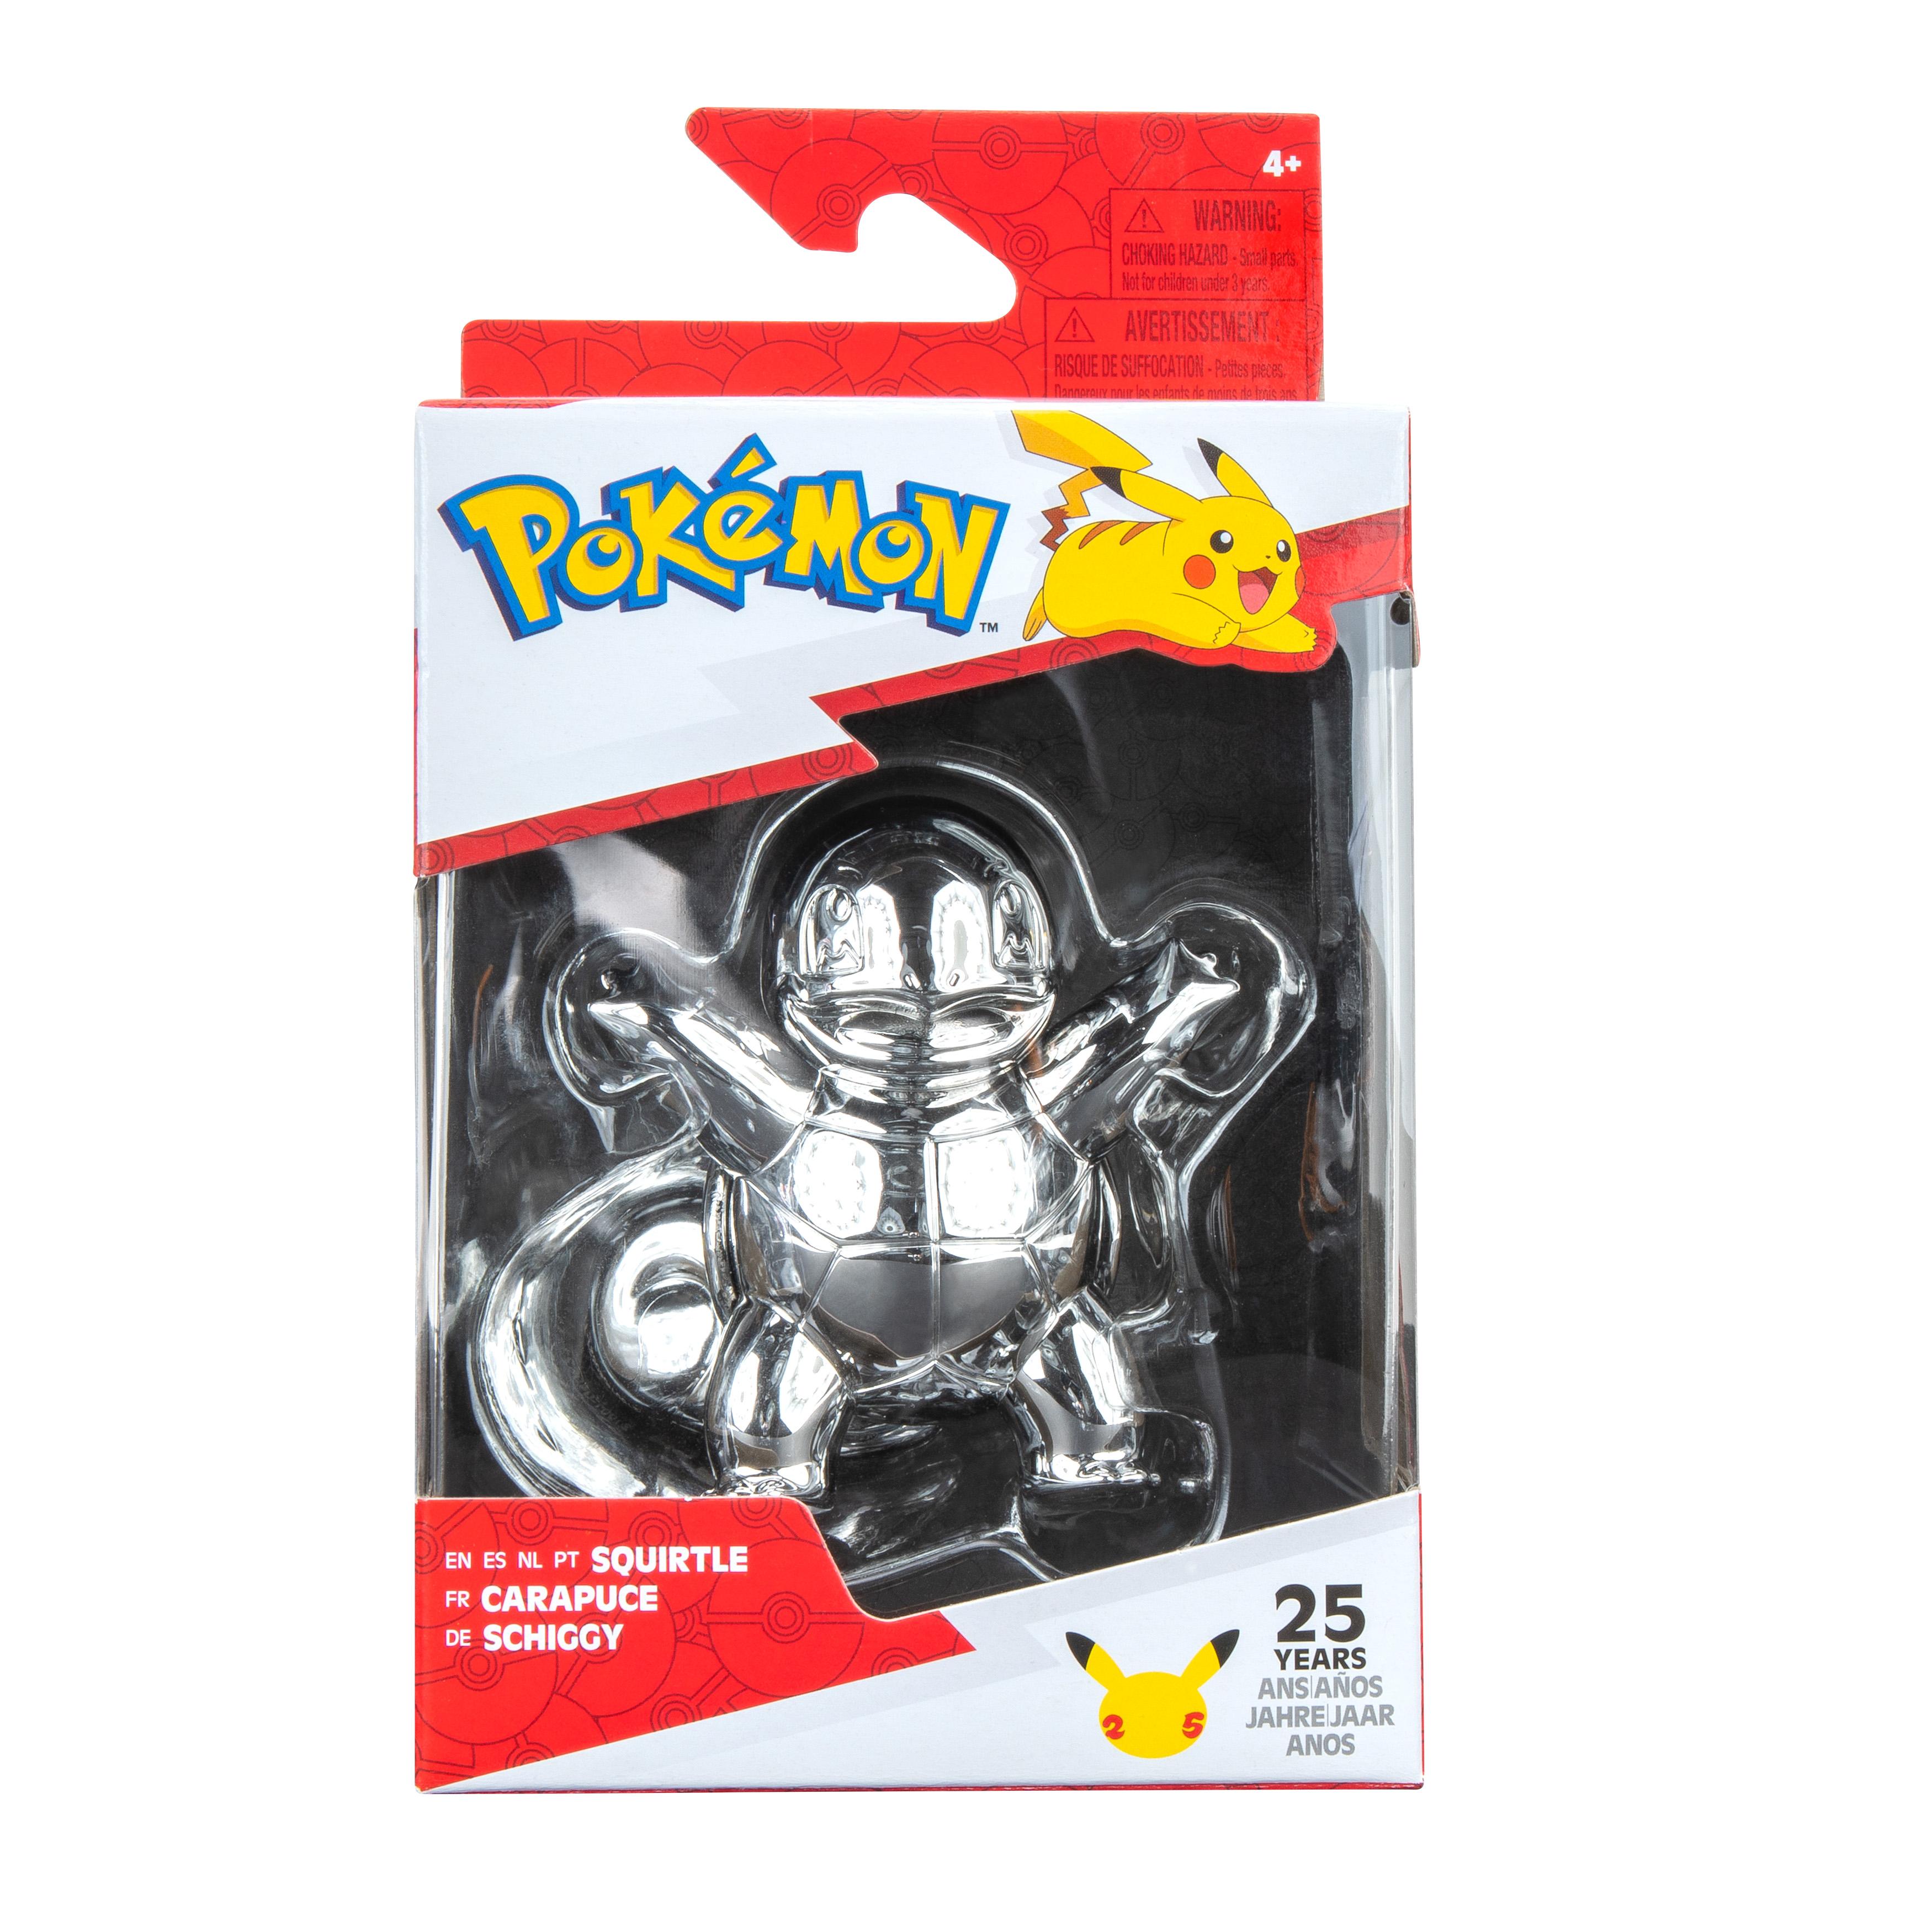 Pokémon - Select Battle Figur - Schiggy silber